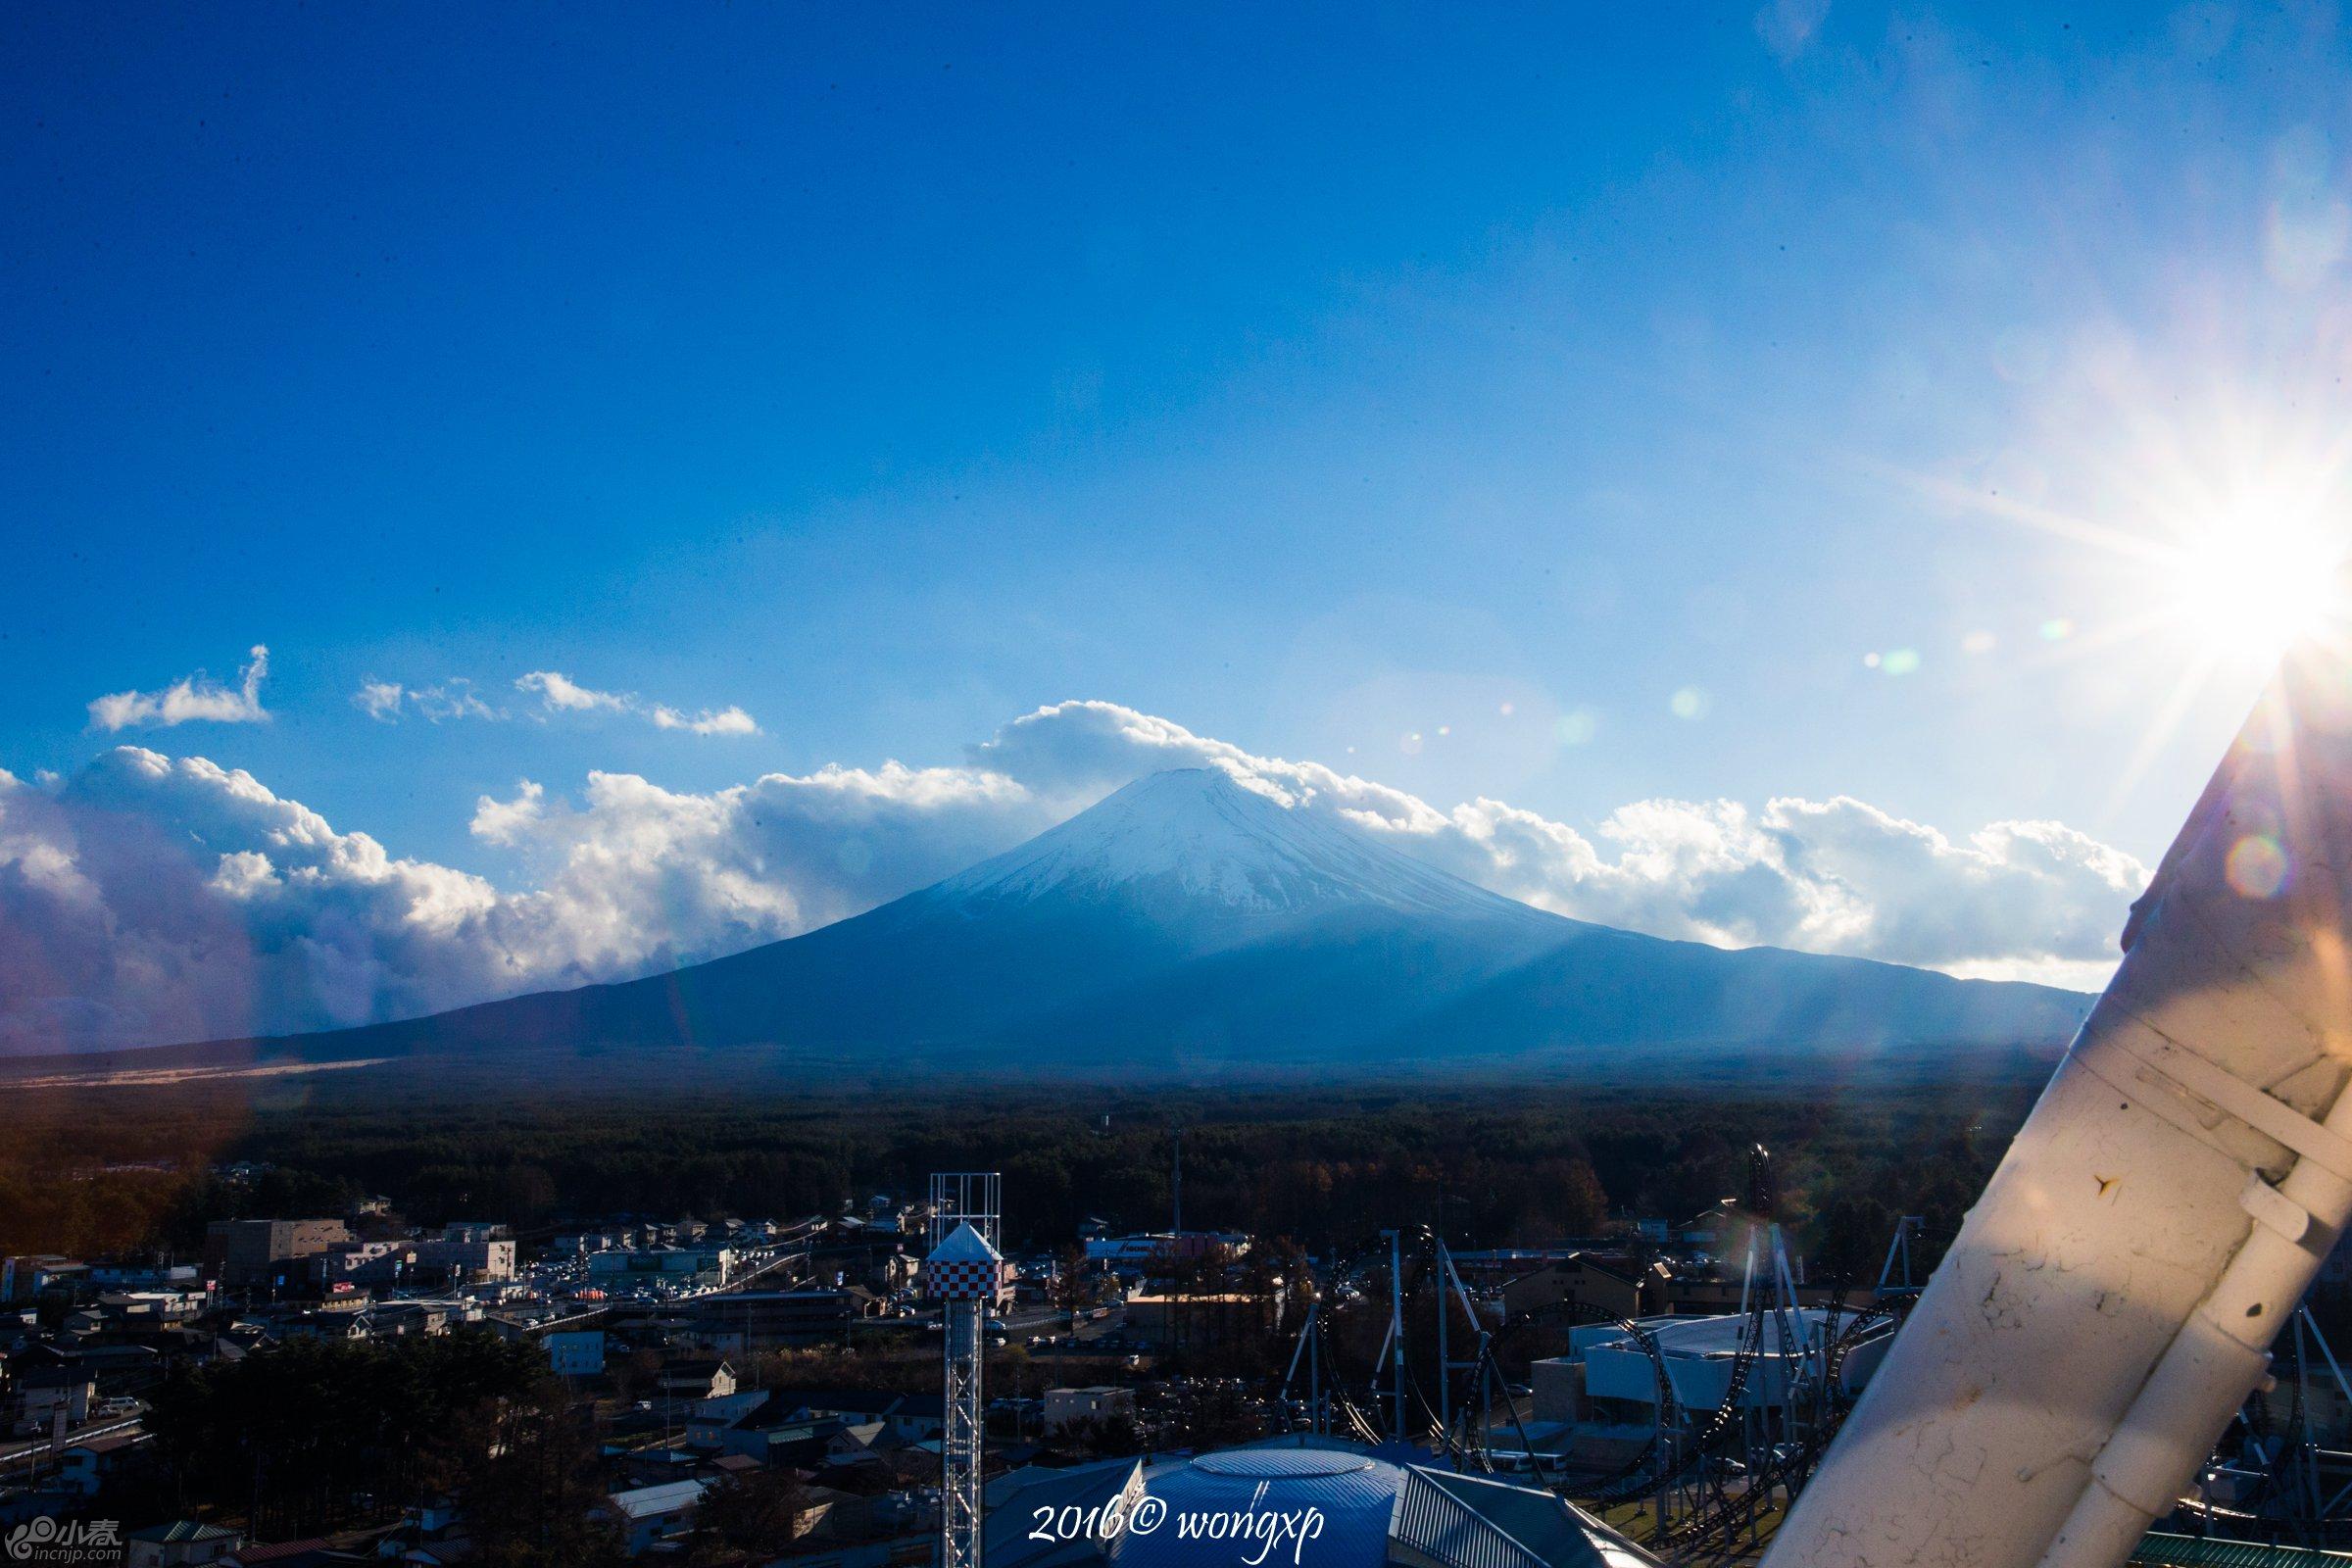 摩天轮上看富士山